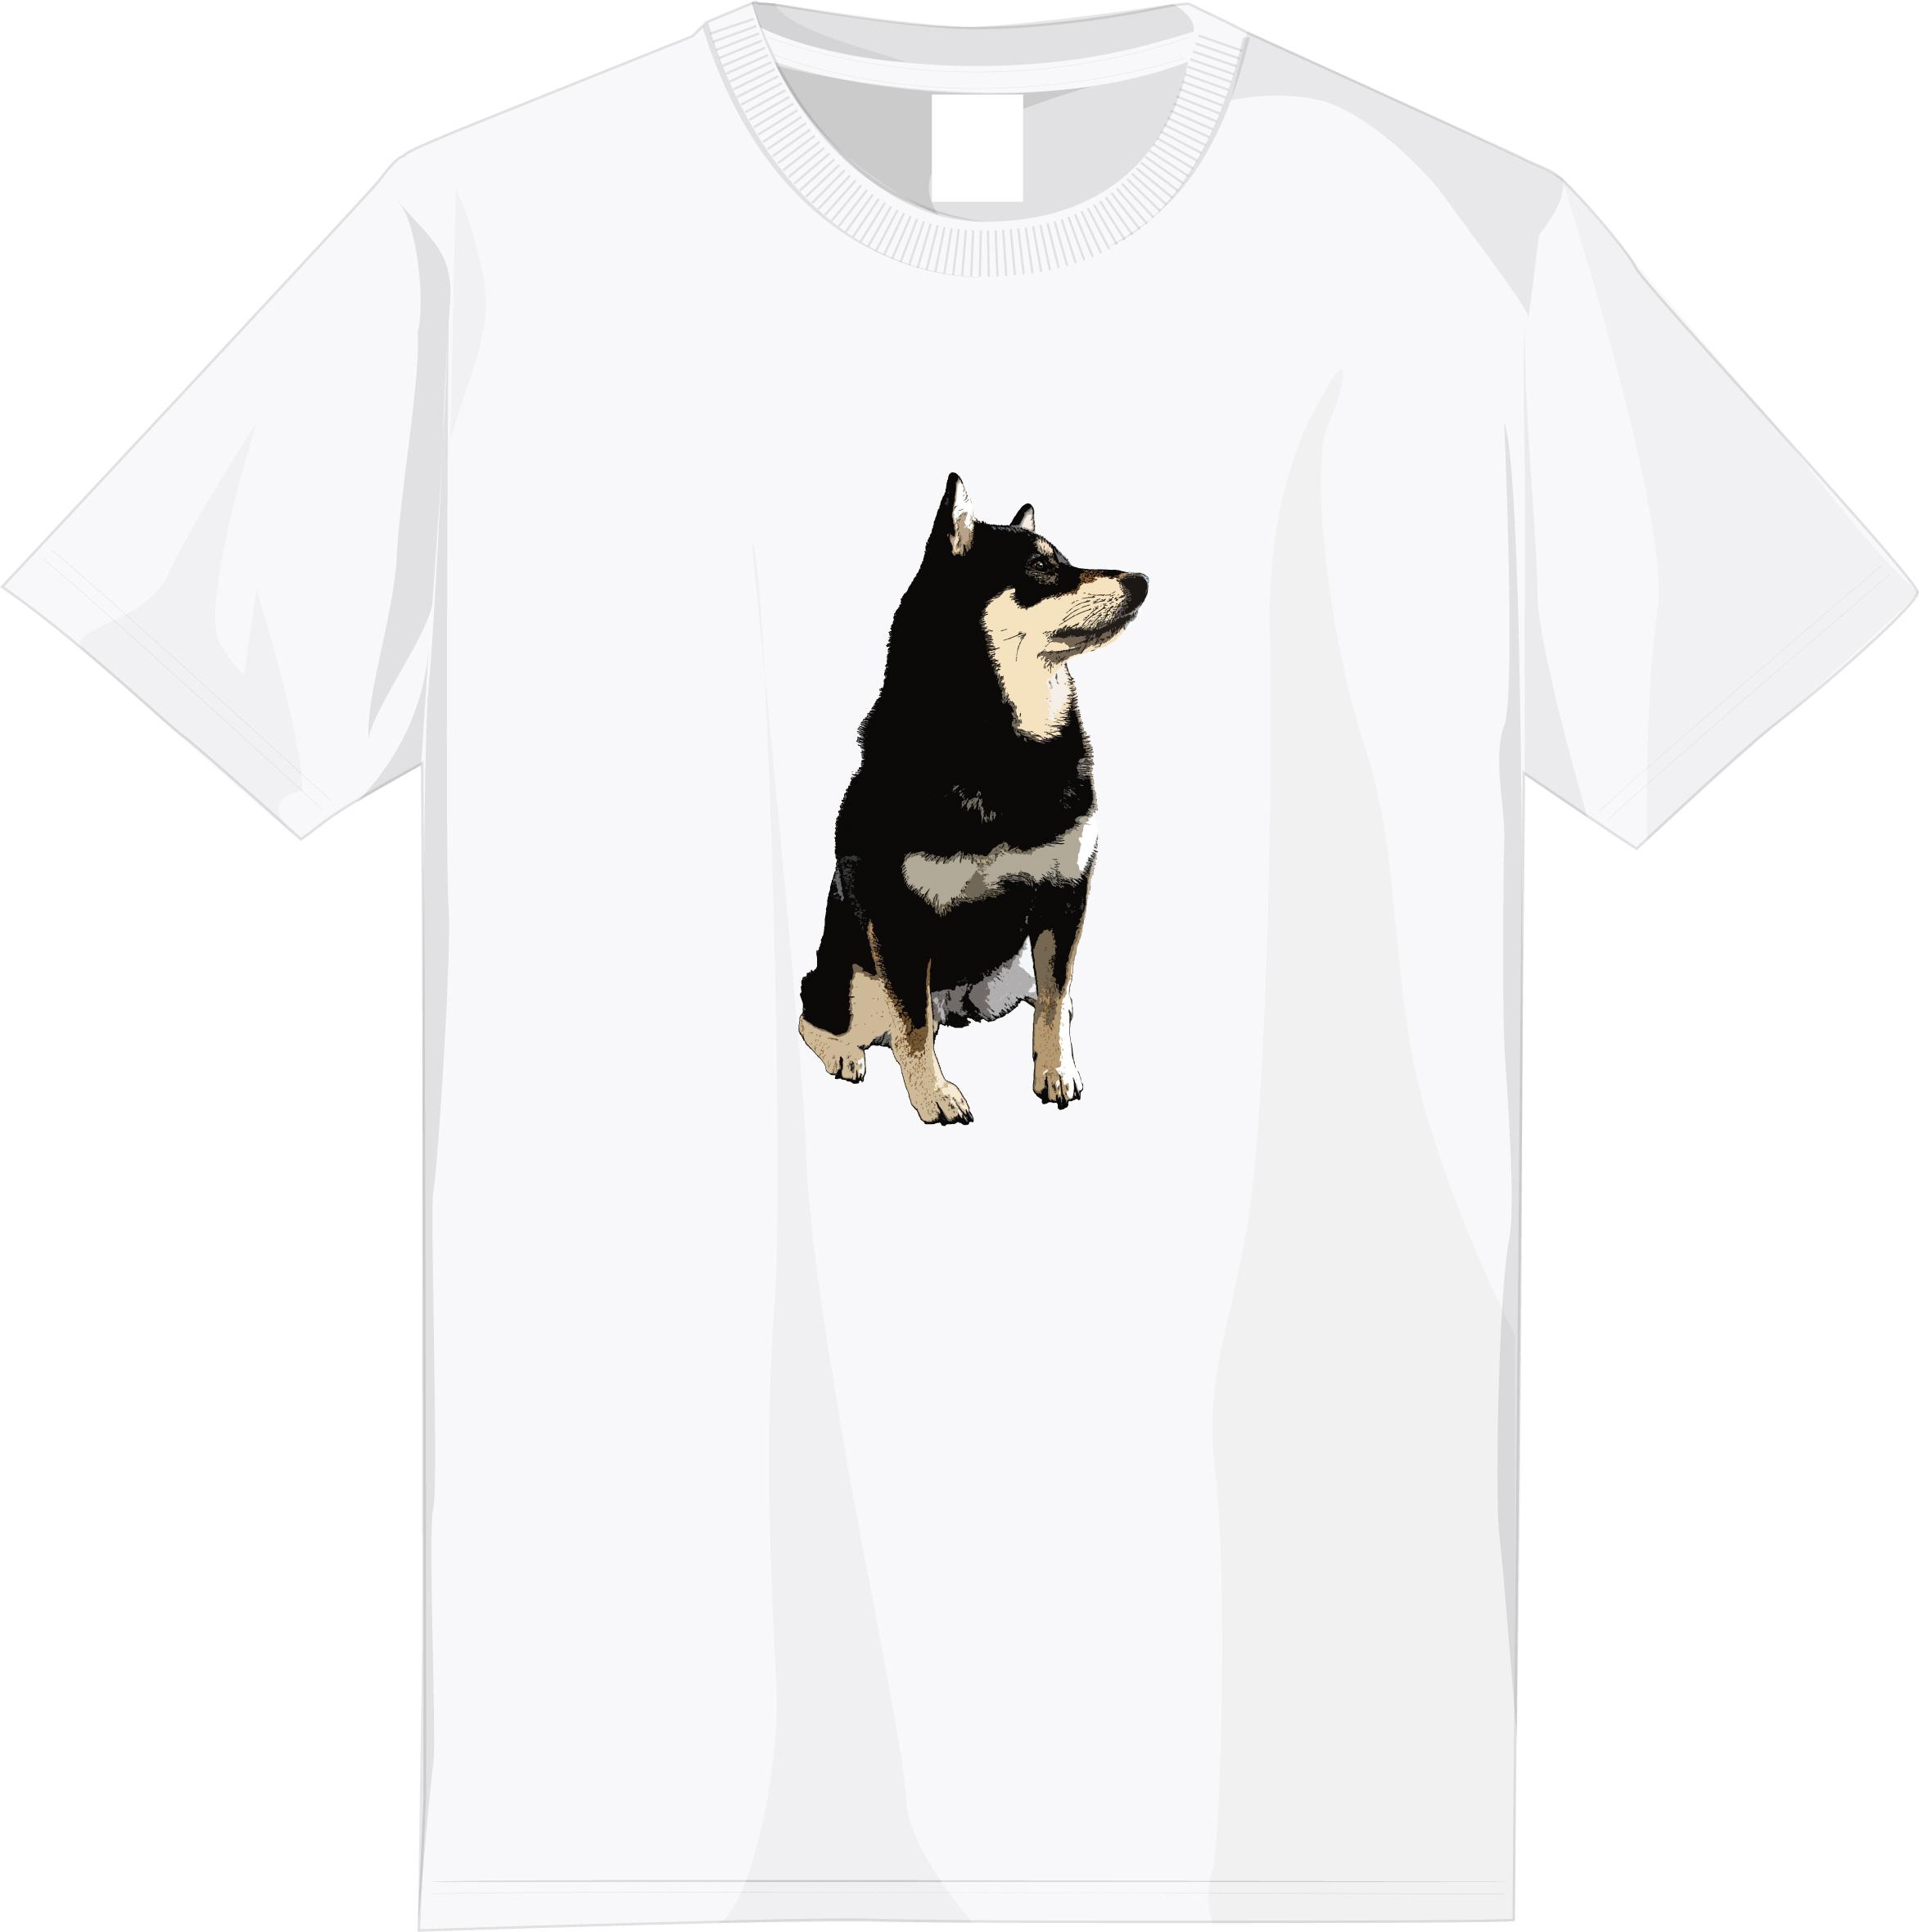 【期間限定受注】選べる全6種!フルカラー柴犬デザインTシャツ<②:黒柴文字なしタイプ>